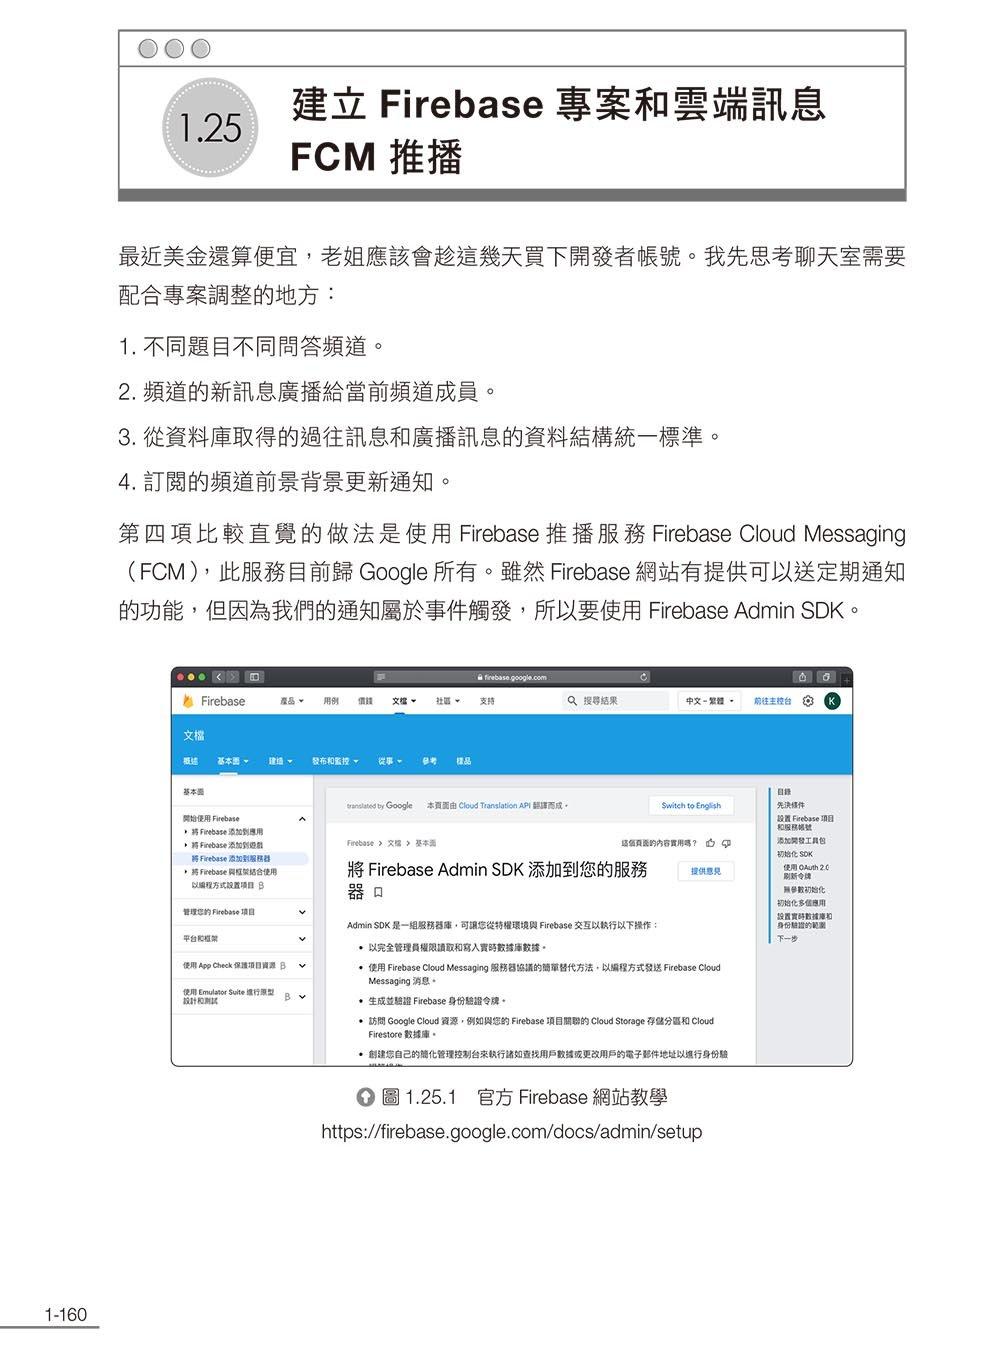 老姐要用 Kotlin 寫專案:從 Server 到 Android APP 的開發生存日記(iT邦幫忙鐵人賽系列書)-preview-9